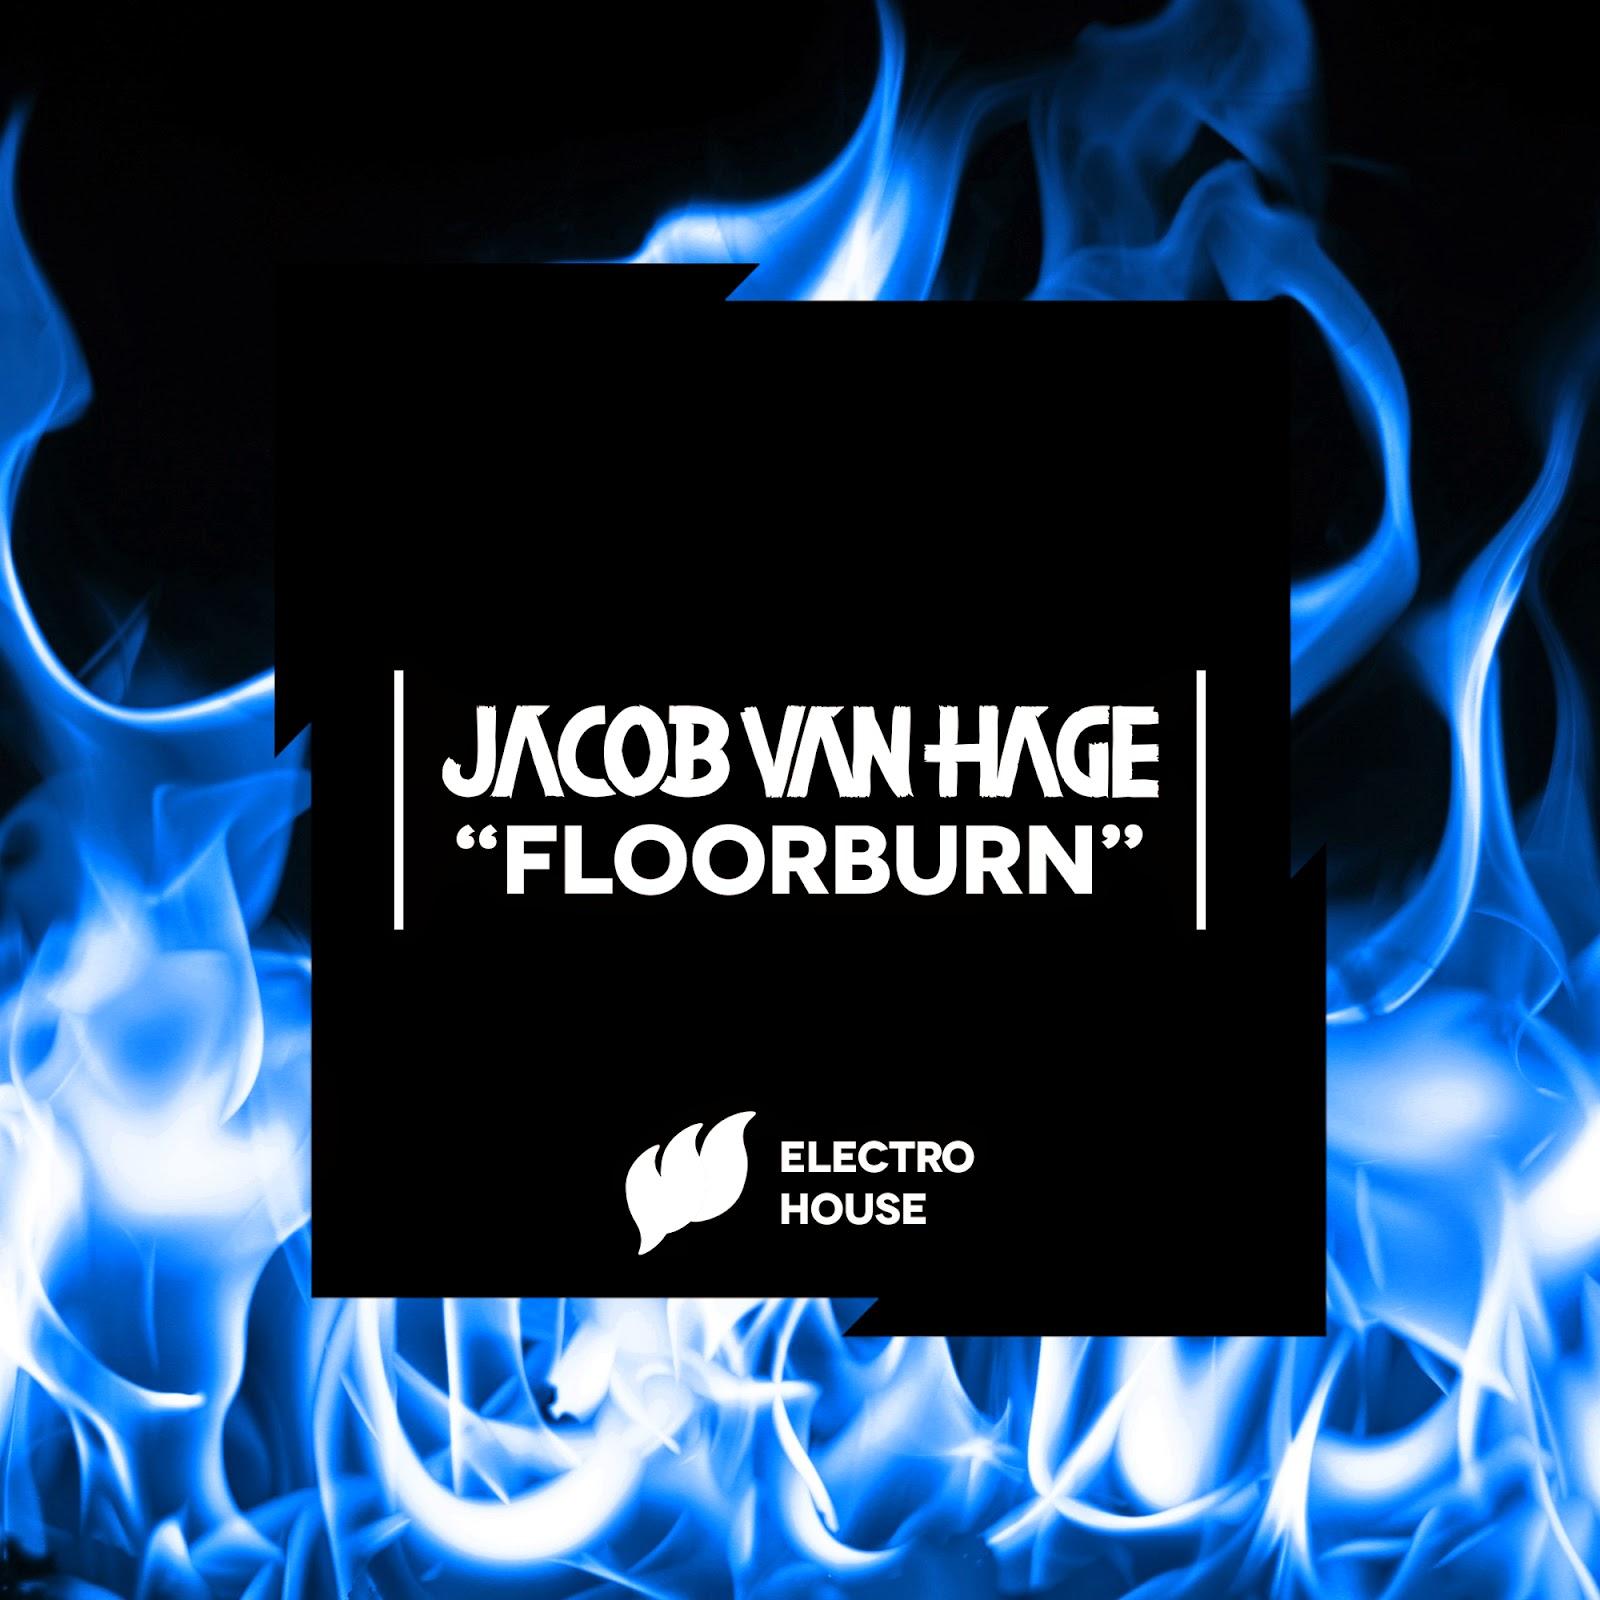 jacob van hage floorburn